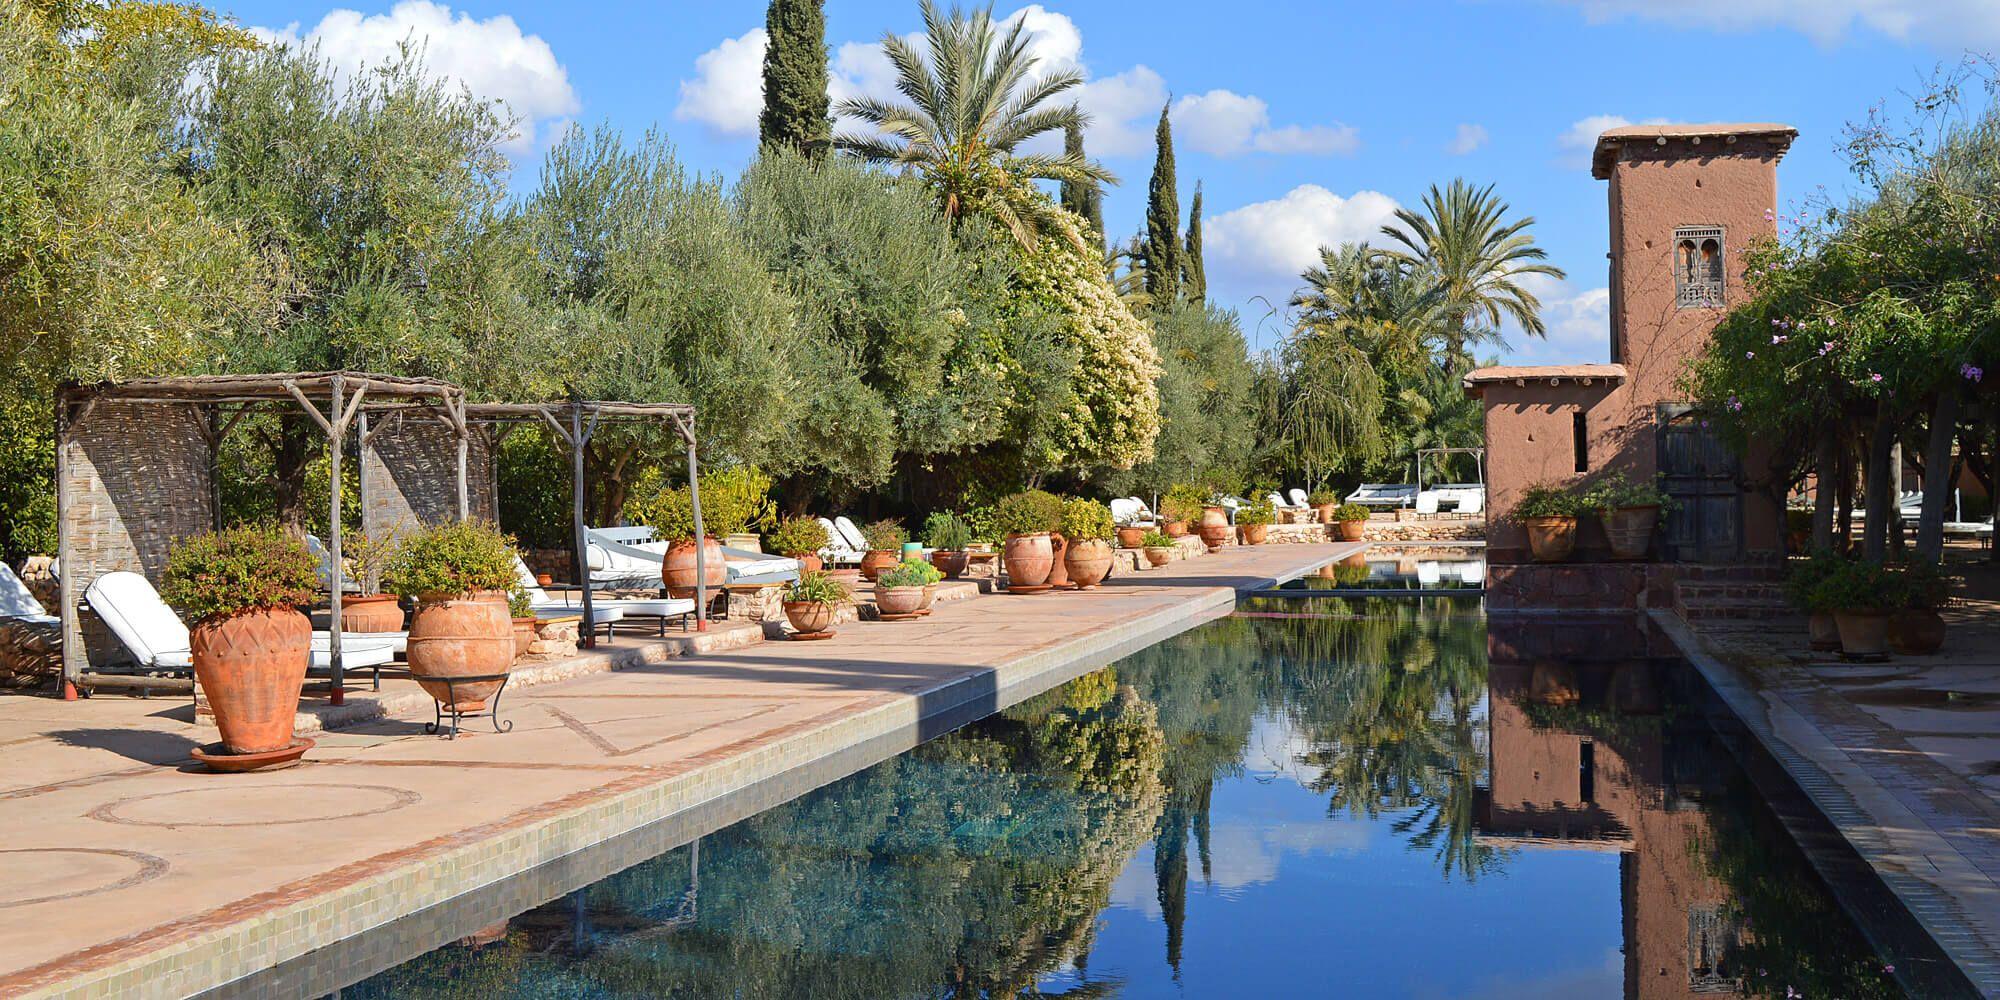 marrakech-beste-hotels-restaurants-riads